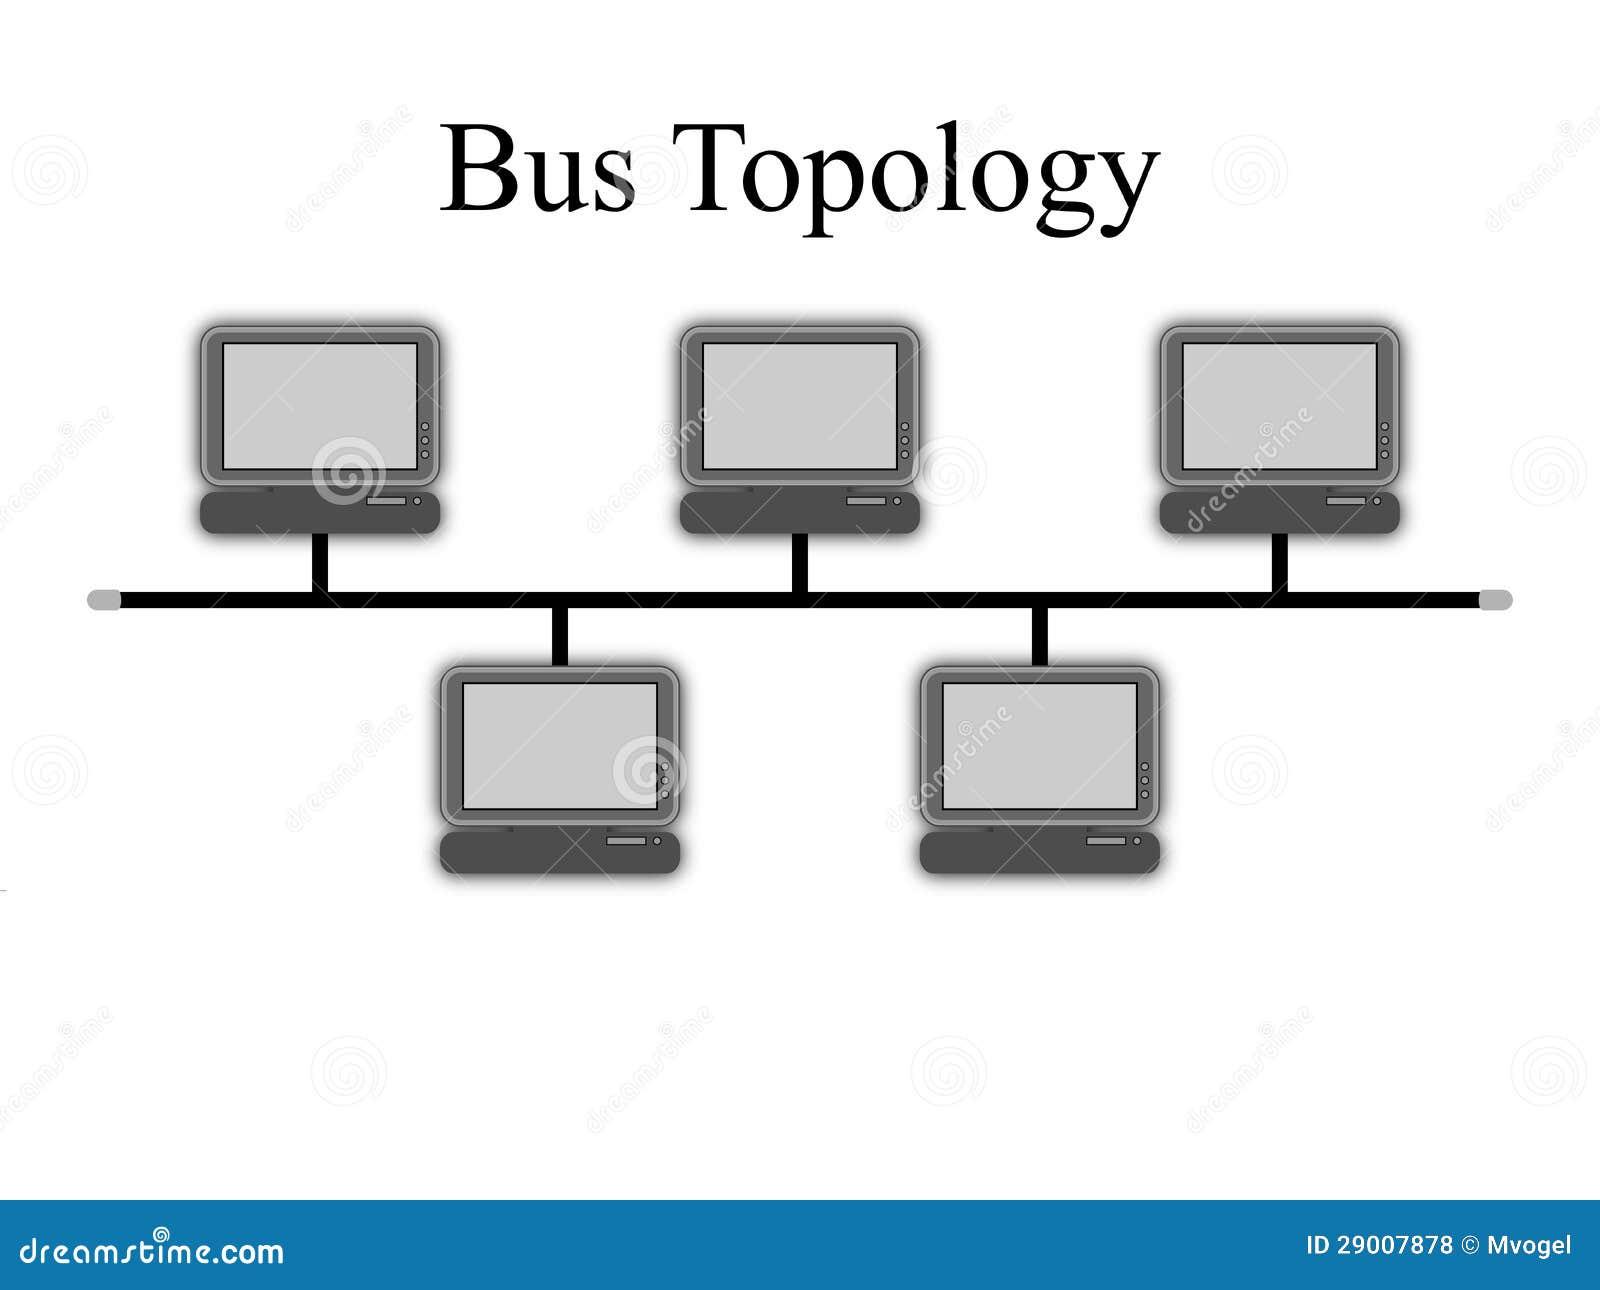 BusTopology Flash Animation - webclasses.net